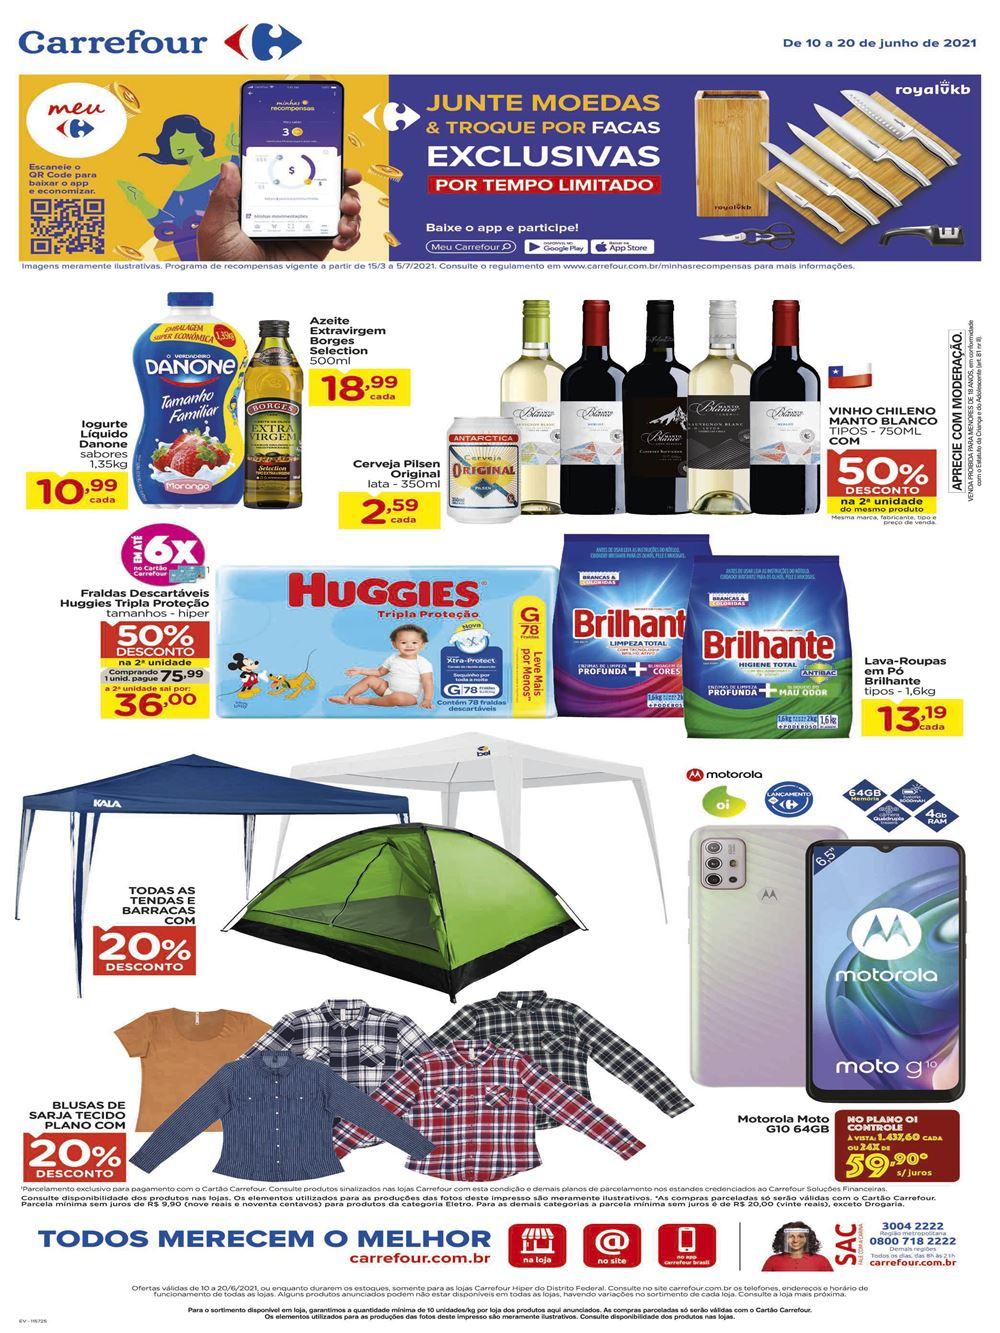 carrefour-ofertas-descontos-hoje1-17 Folheto Meu Carrefour com mais de 100 ofertas até 20 de Junho: confira